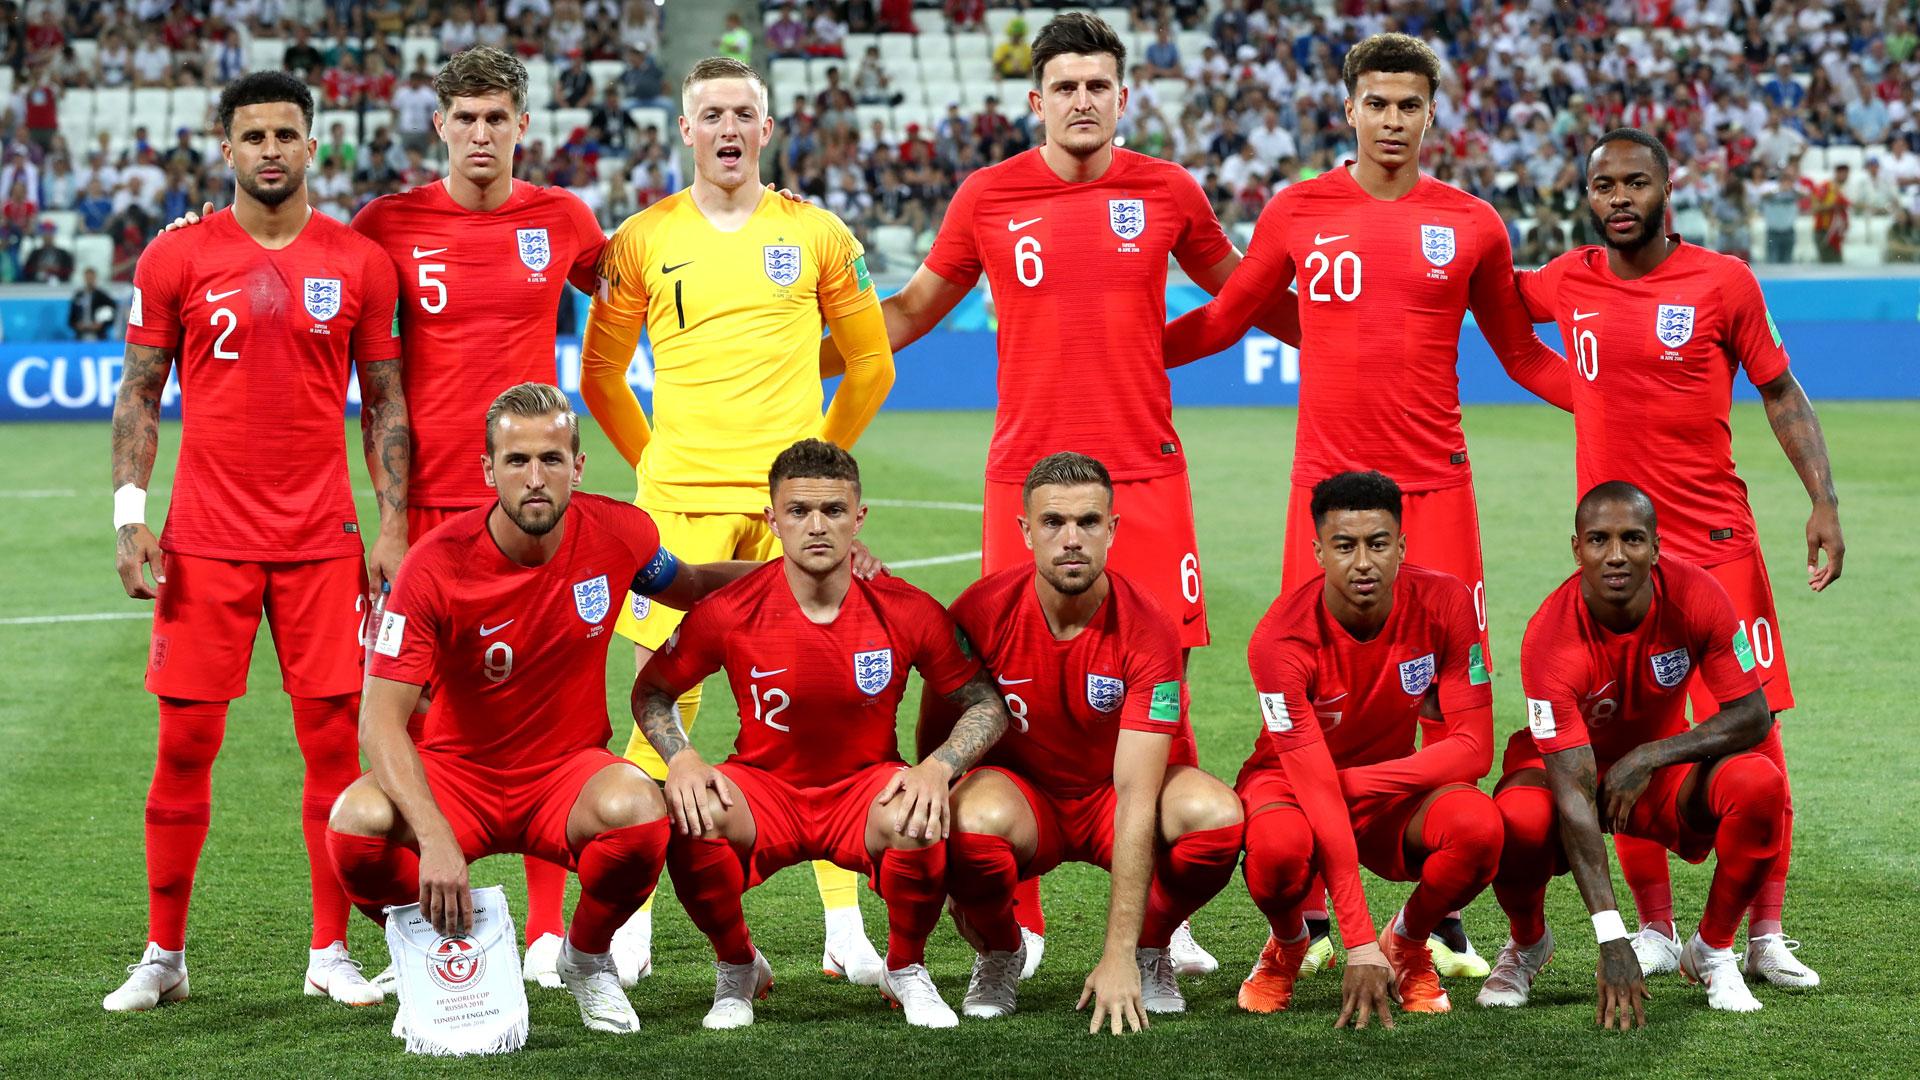 Kader England Wm 2021